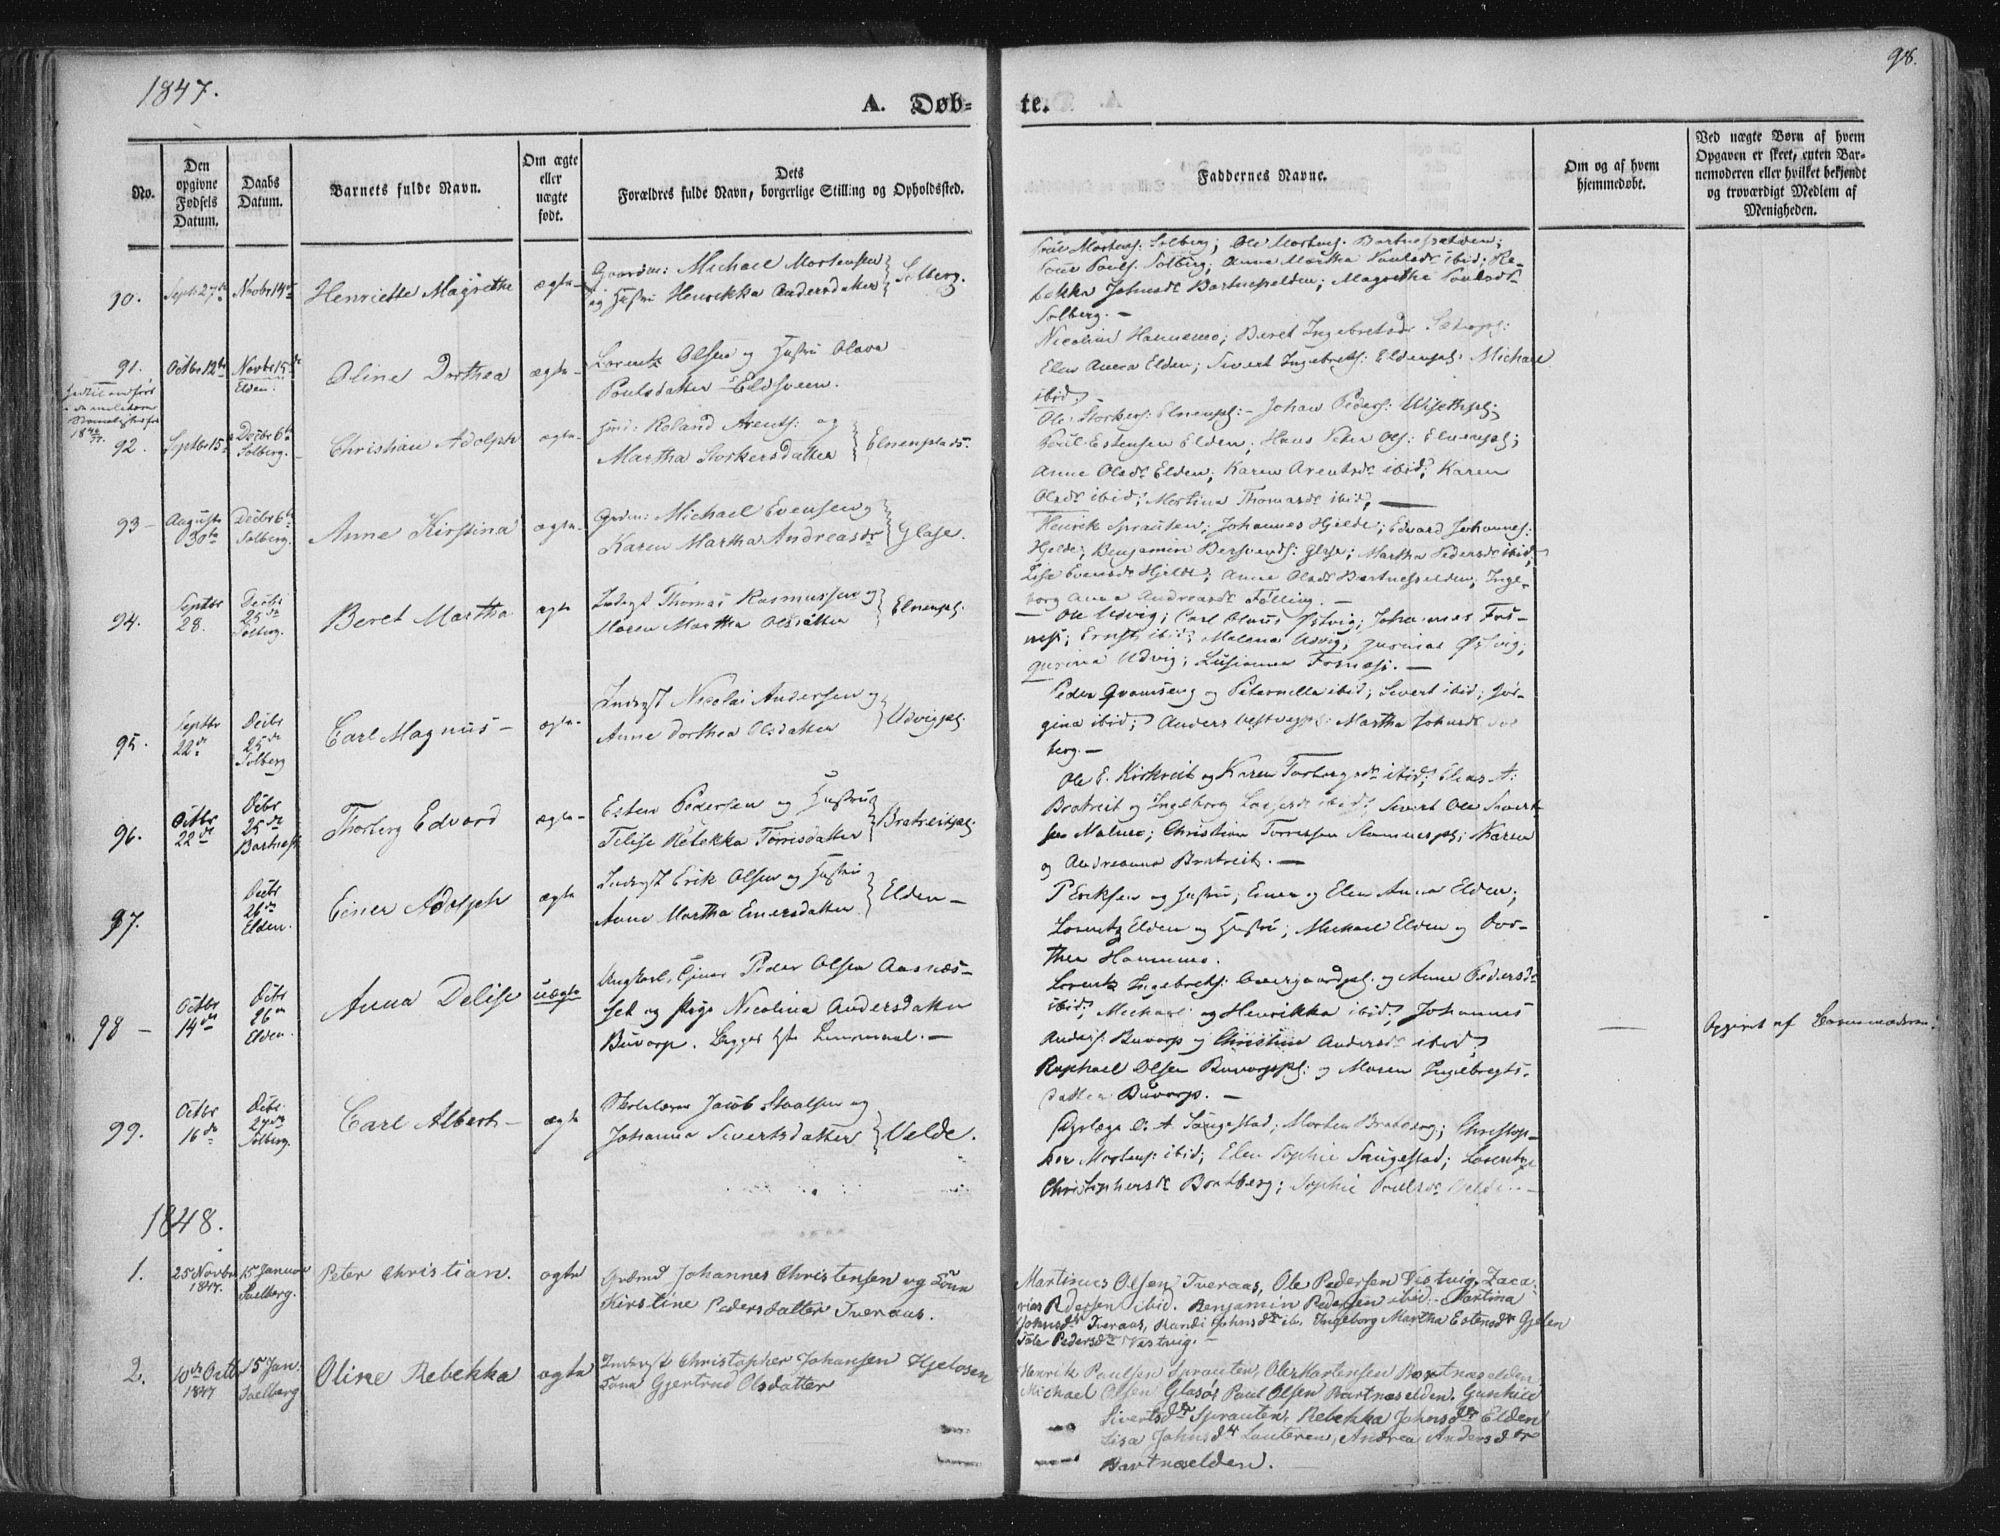 SAT, Ministerialprotokoller, klokkerbøker og fødselsregistre - Nord-Trøndelag, 741/L0392: Ministerialbok nr. 741A06, 1836-1848, s. 98